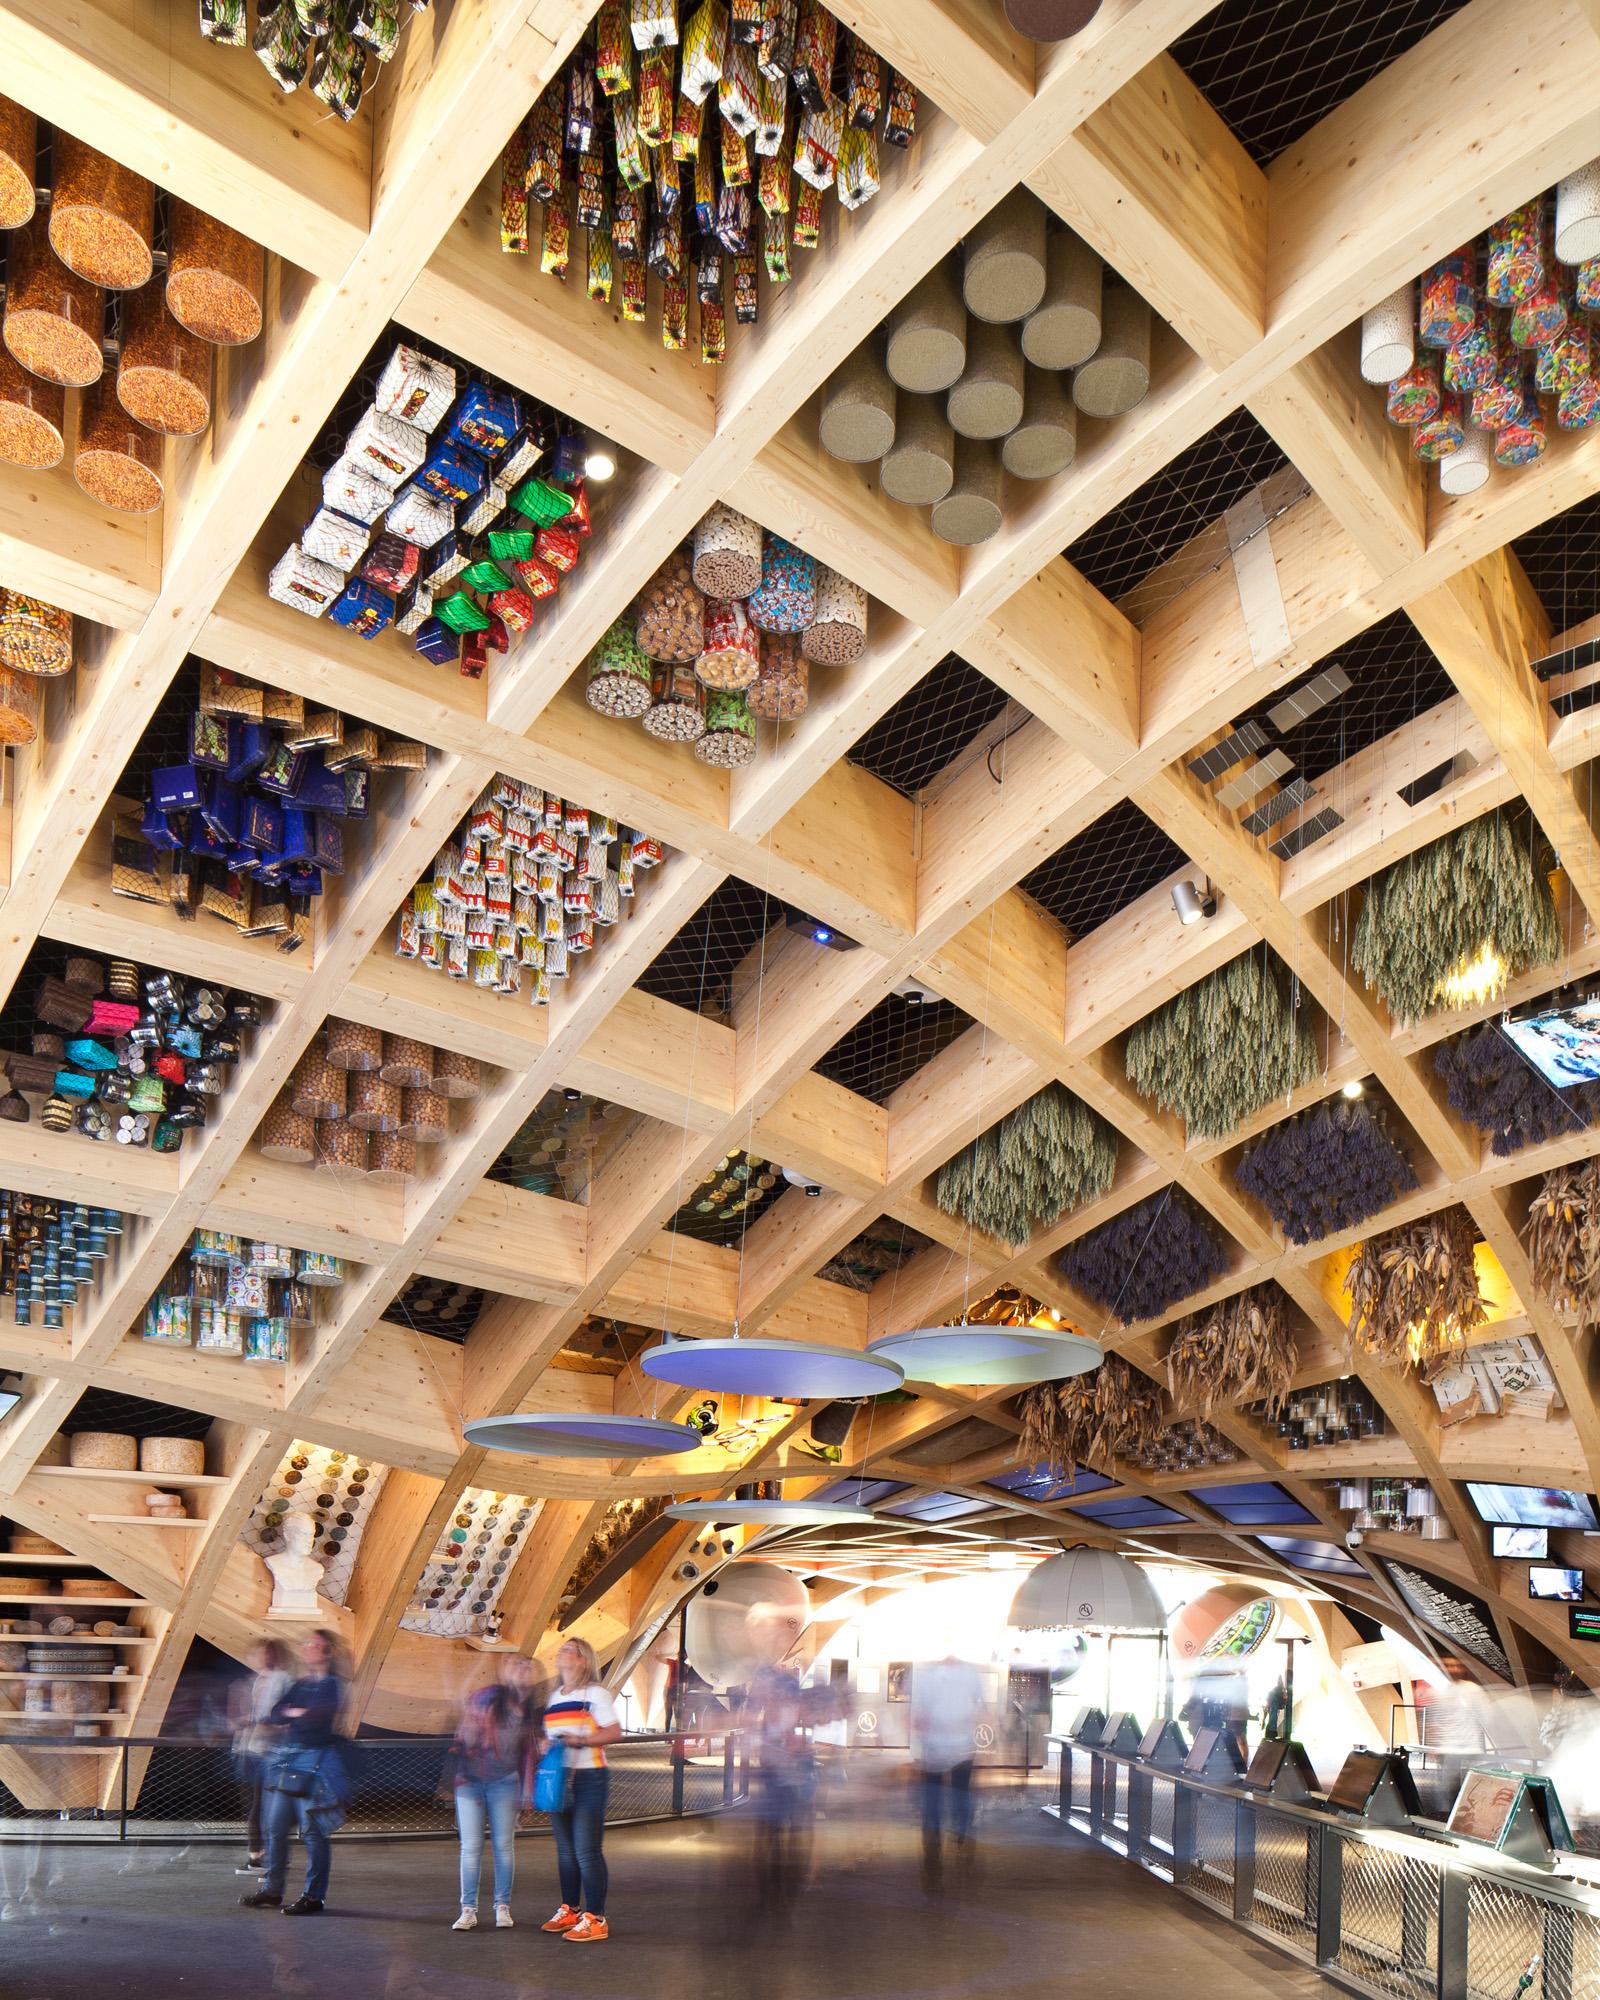 X-TU EXPO2016 Padiglione Francia - Andrea Bosio Architecture Photography